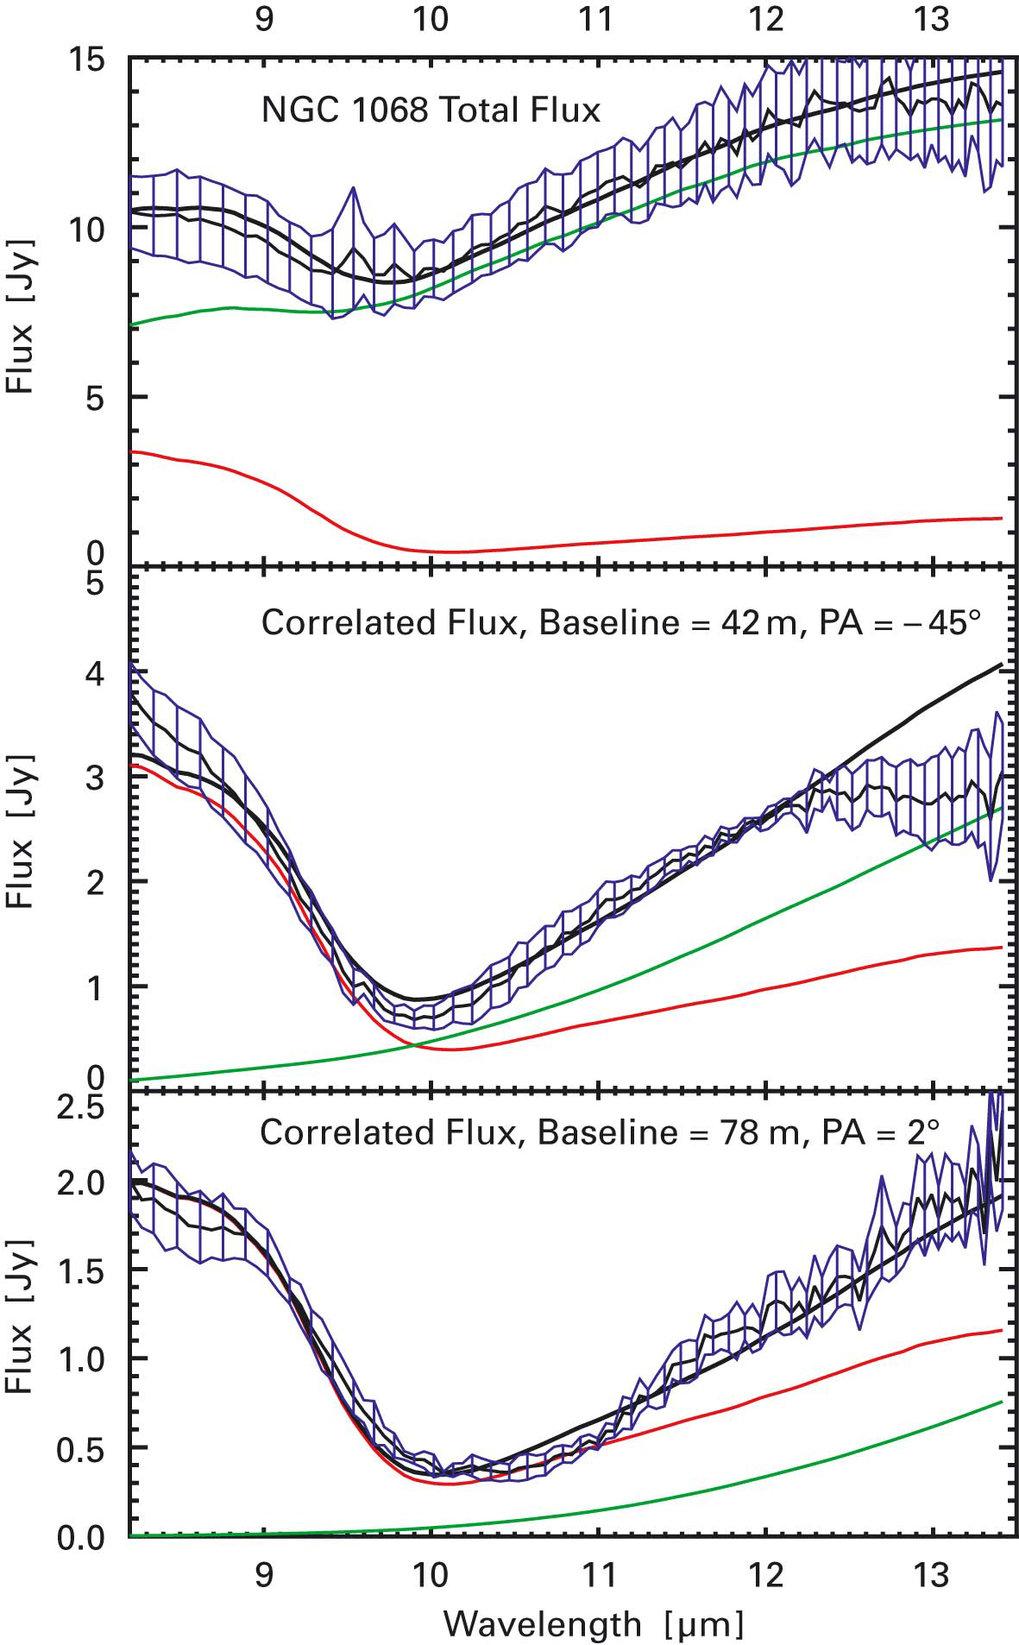 Spektren von NGC 1068, erhalten mit MIDI. Der schraffierte Bereich kennzeichnet die Messwerte mit ihren Fehlern, die durchgezogene Linie gibt Werte ei